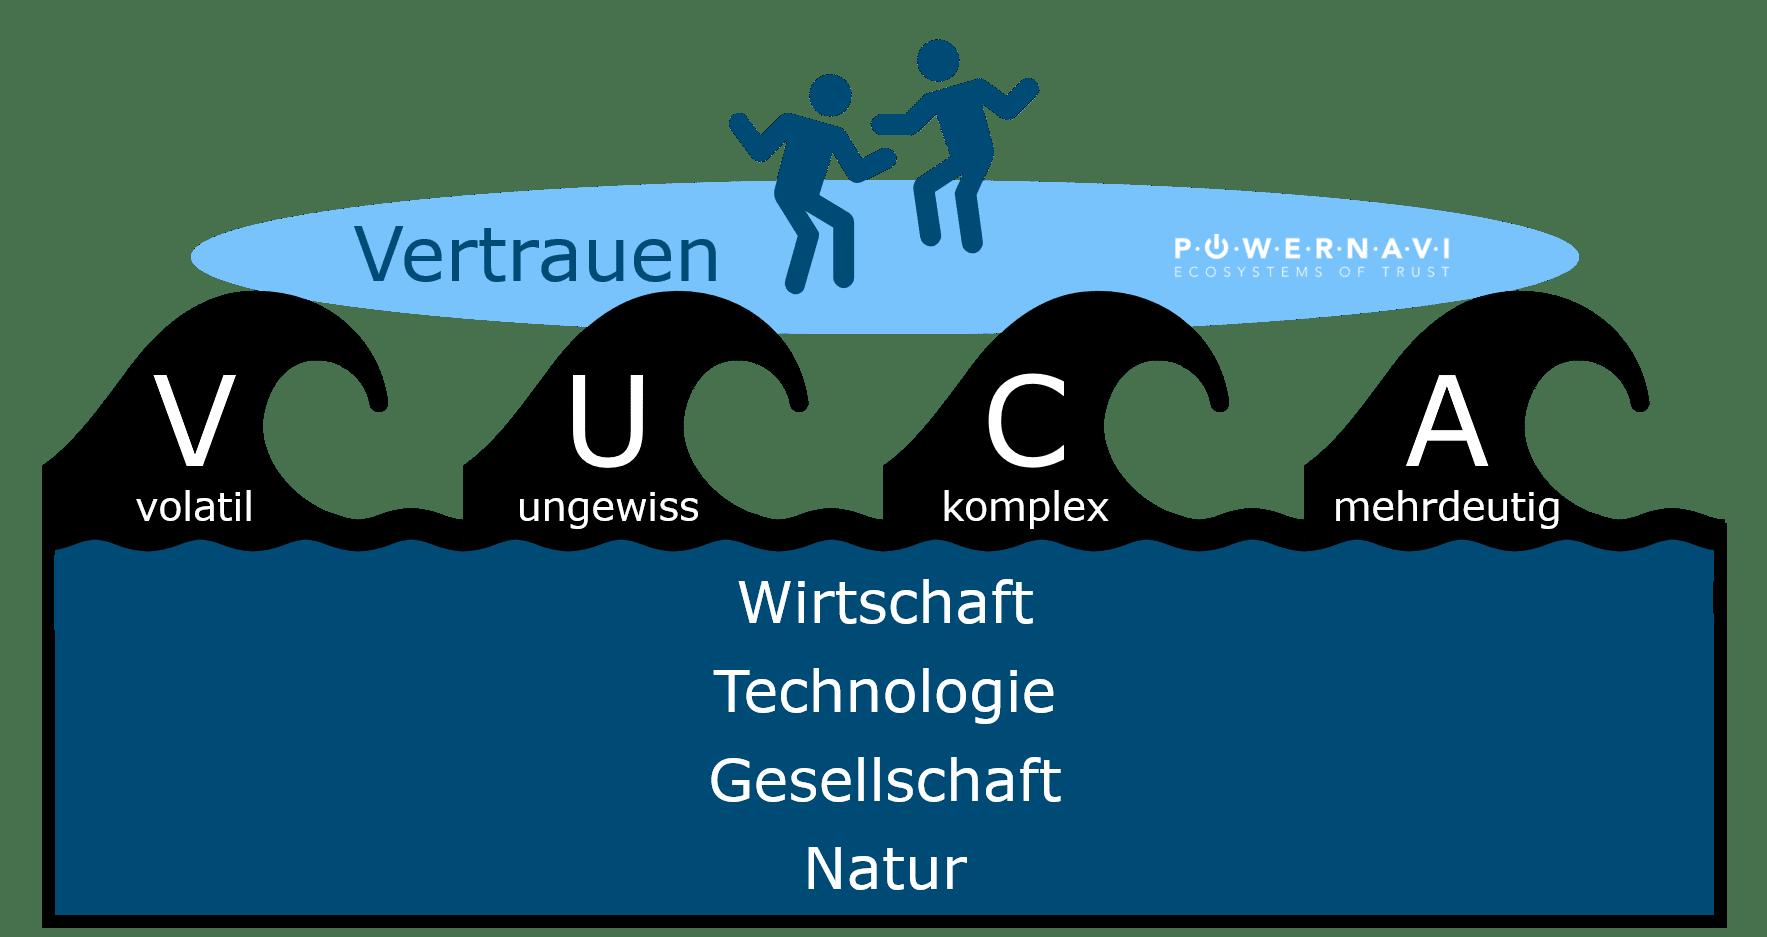 VUCA Wellen Reiten geniessen @ powernavi ecosystems of trust